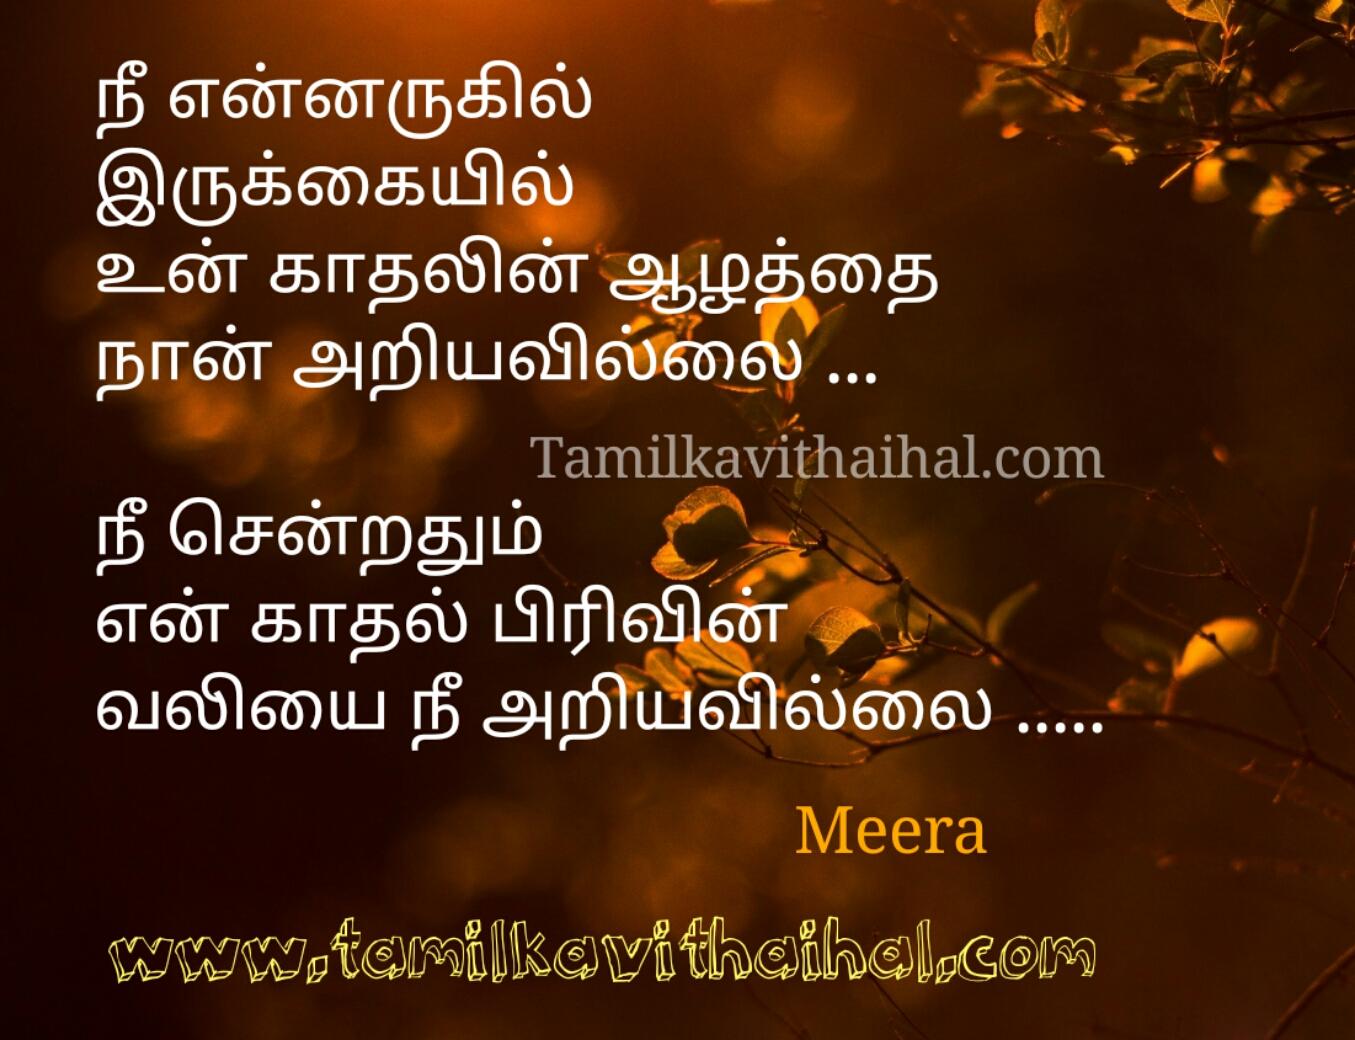 kadhal pirivu soham vali kavithai in tamil images